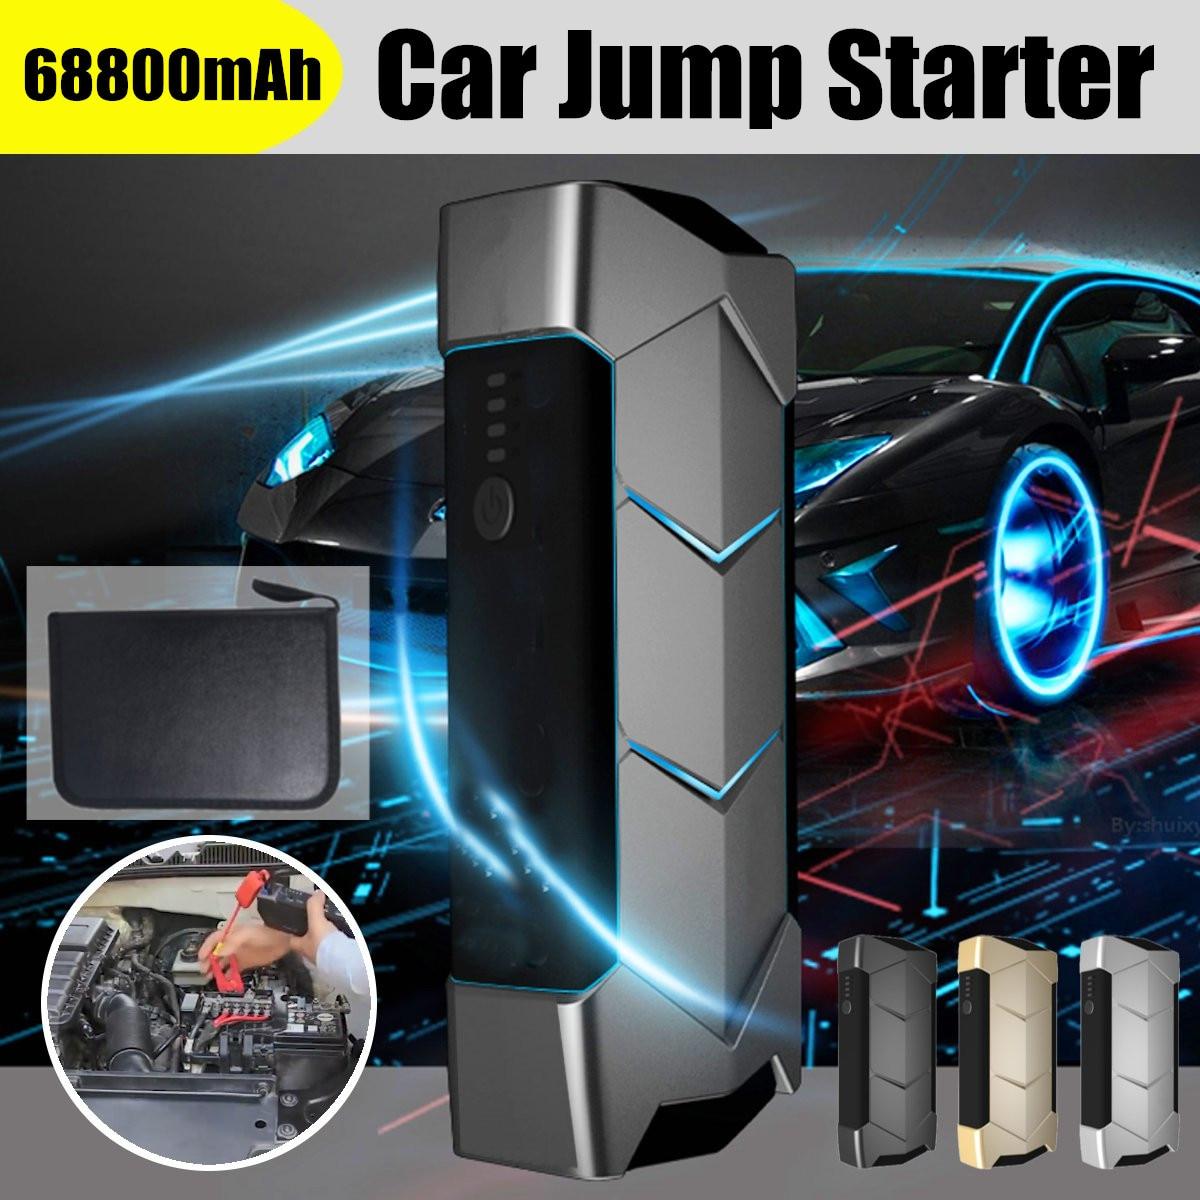 Démarreur de voiture de batterie externe portatif de la capacité élevée 68800 mAh Starte 400A 12 V pour le dispositif de démarrage de chargeur de propulseur de batterie de voiture